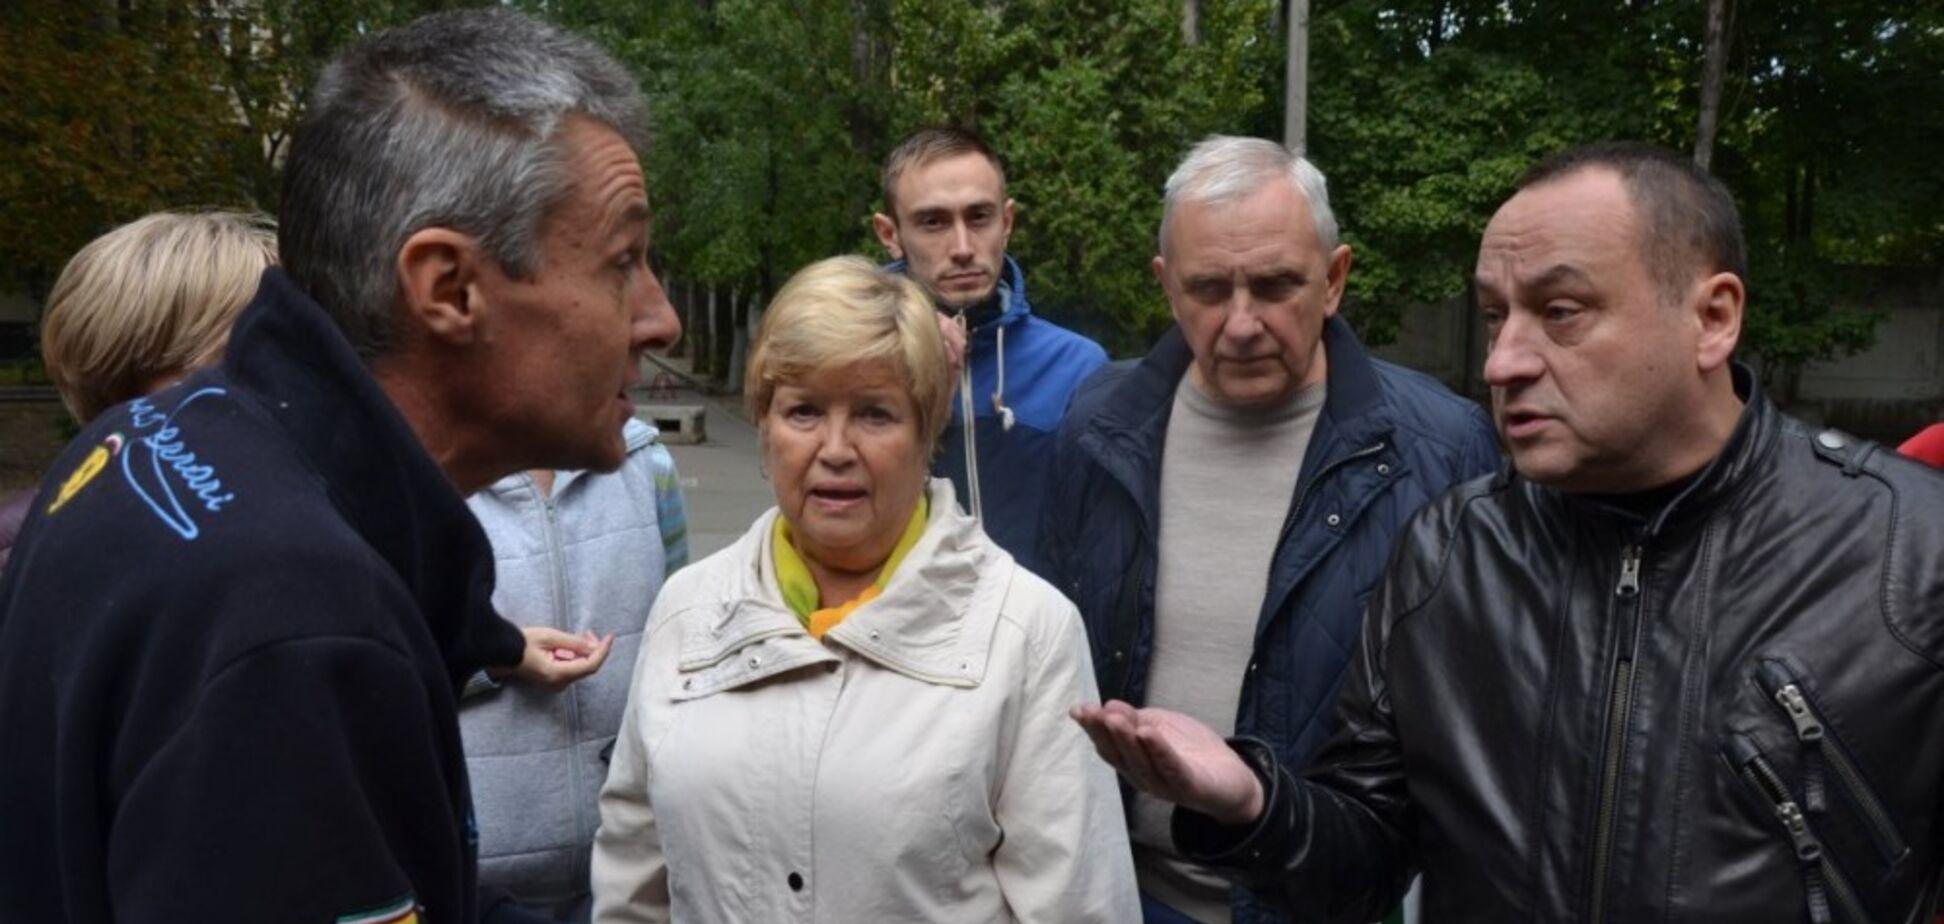 Трагедия в одесском лагере 'Виктория': отстраненный чиновник вернулся на работу